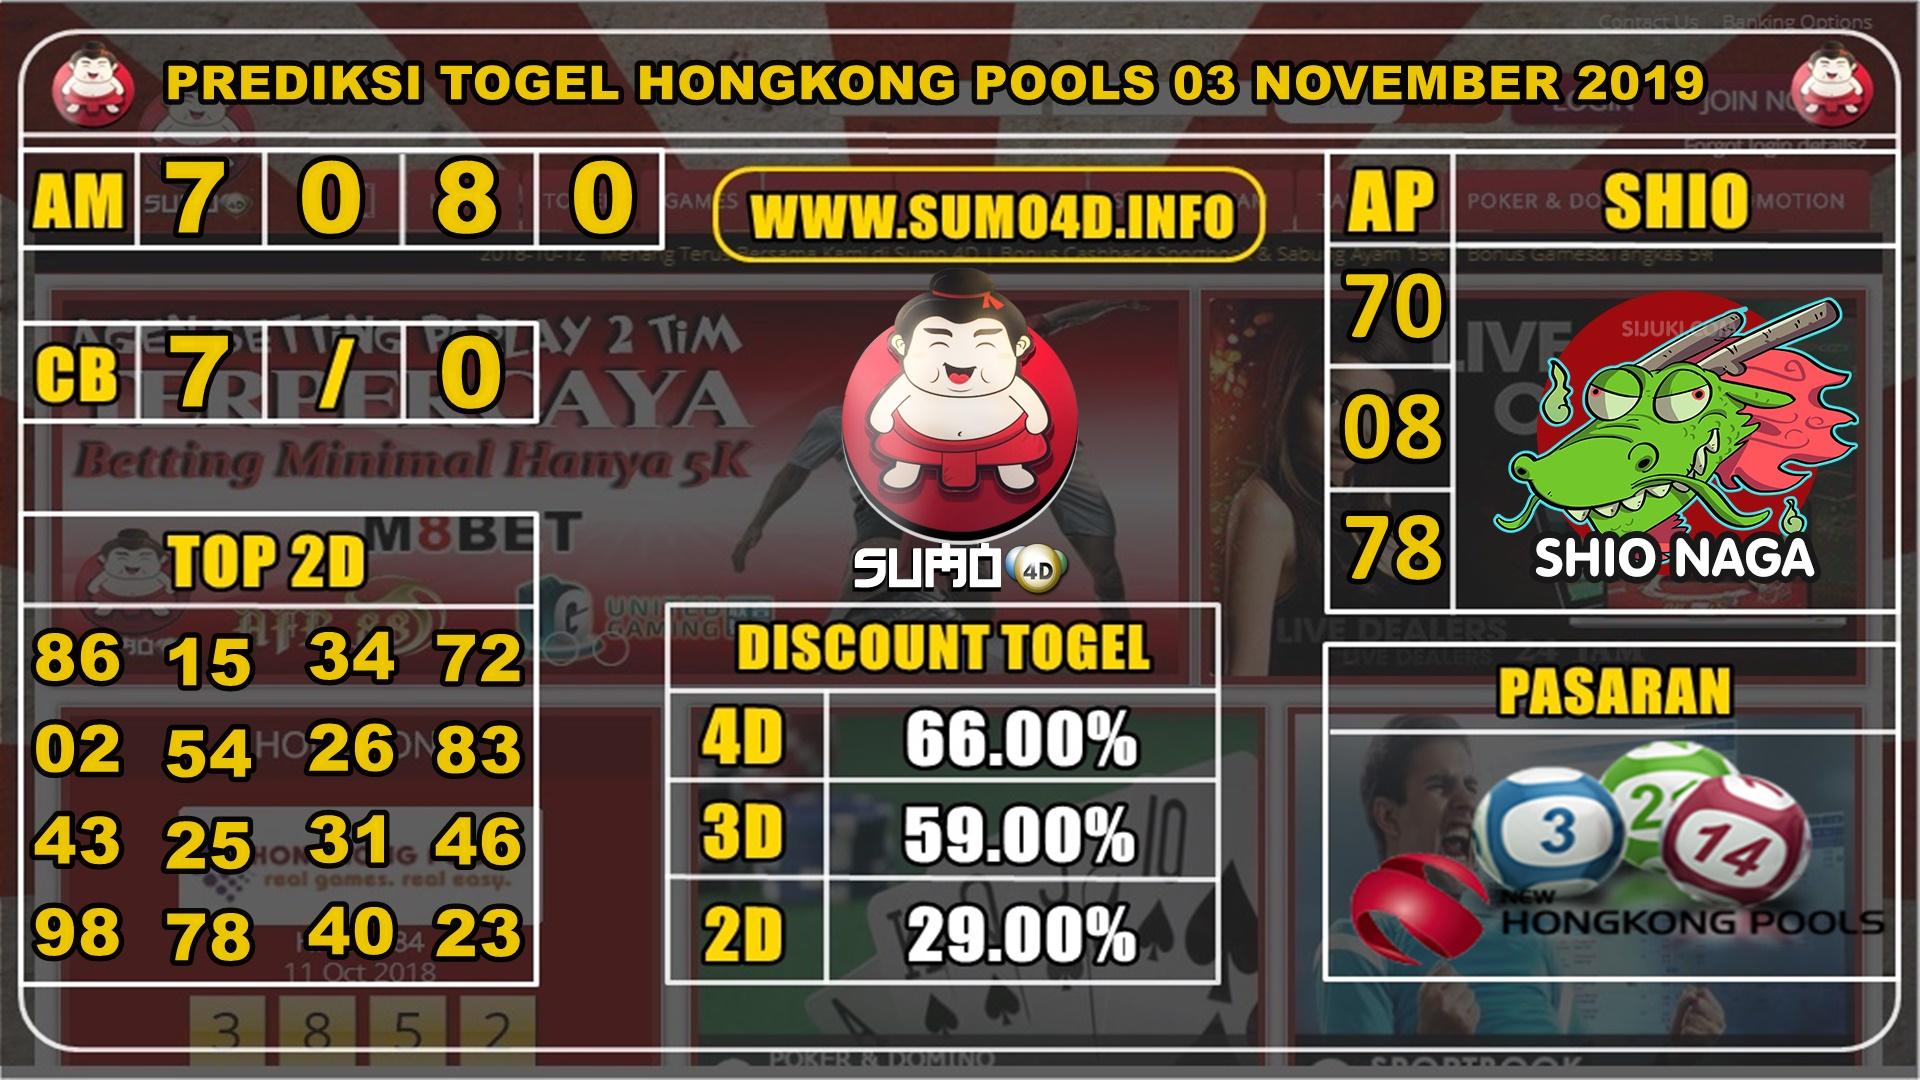 PREDIKSI TOGEL HONGKONG POOLS 03 NOVEMBER 2019